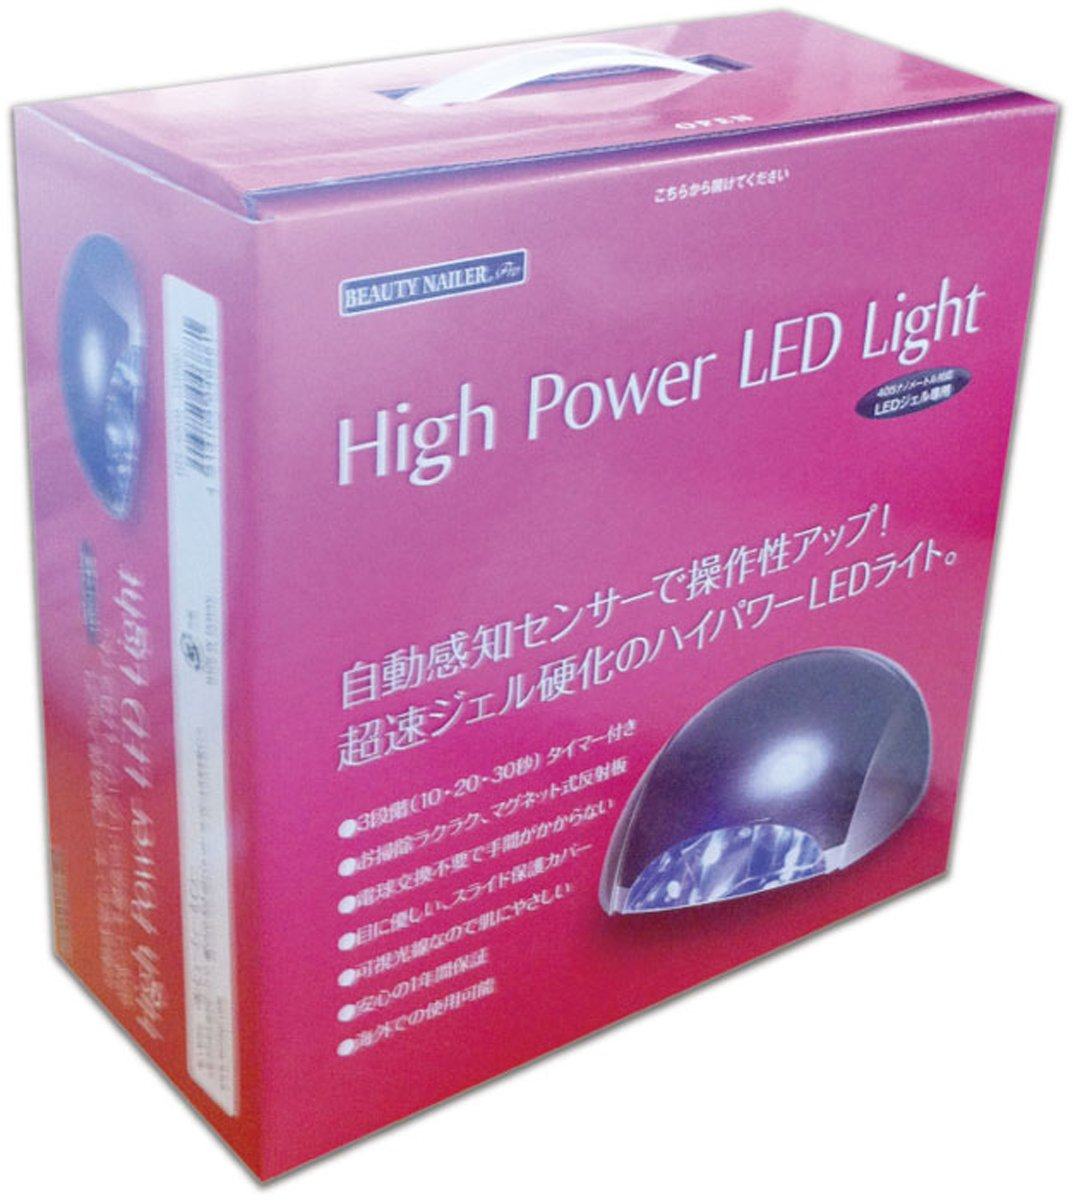 ビューティーネイラー ハイパワーLEDライト HPL-40GB パールブラック   B0090WW0MU